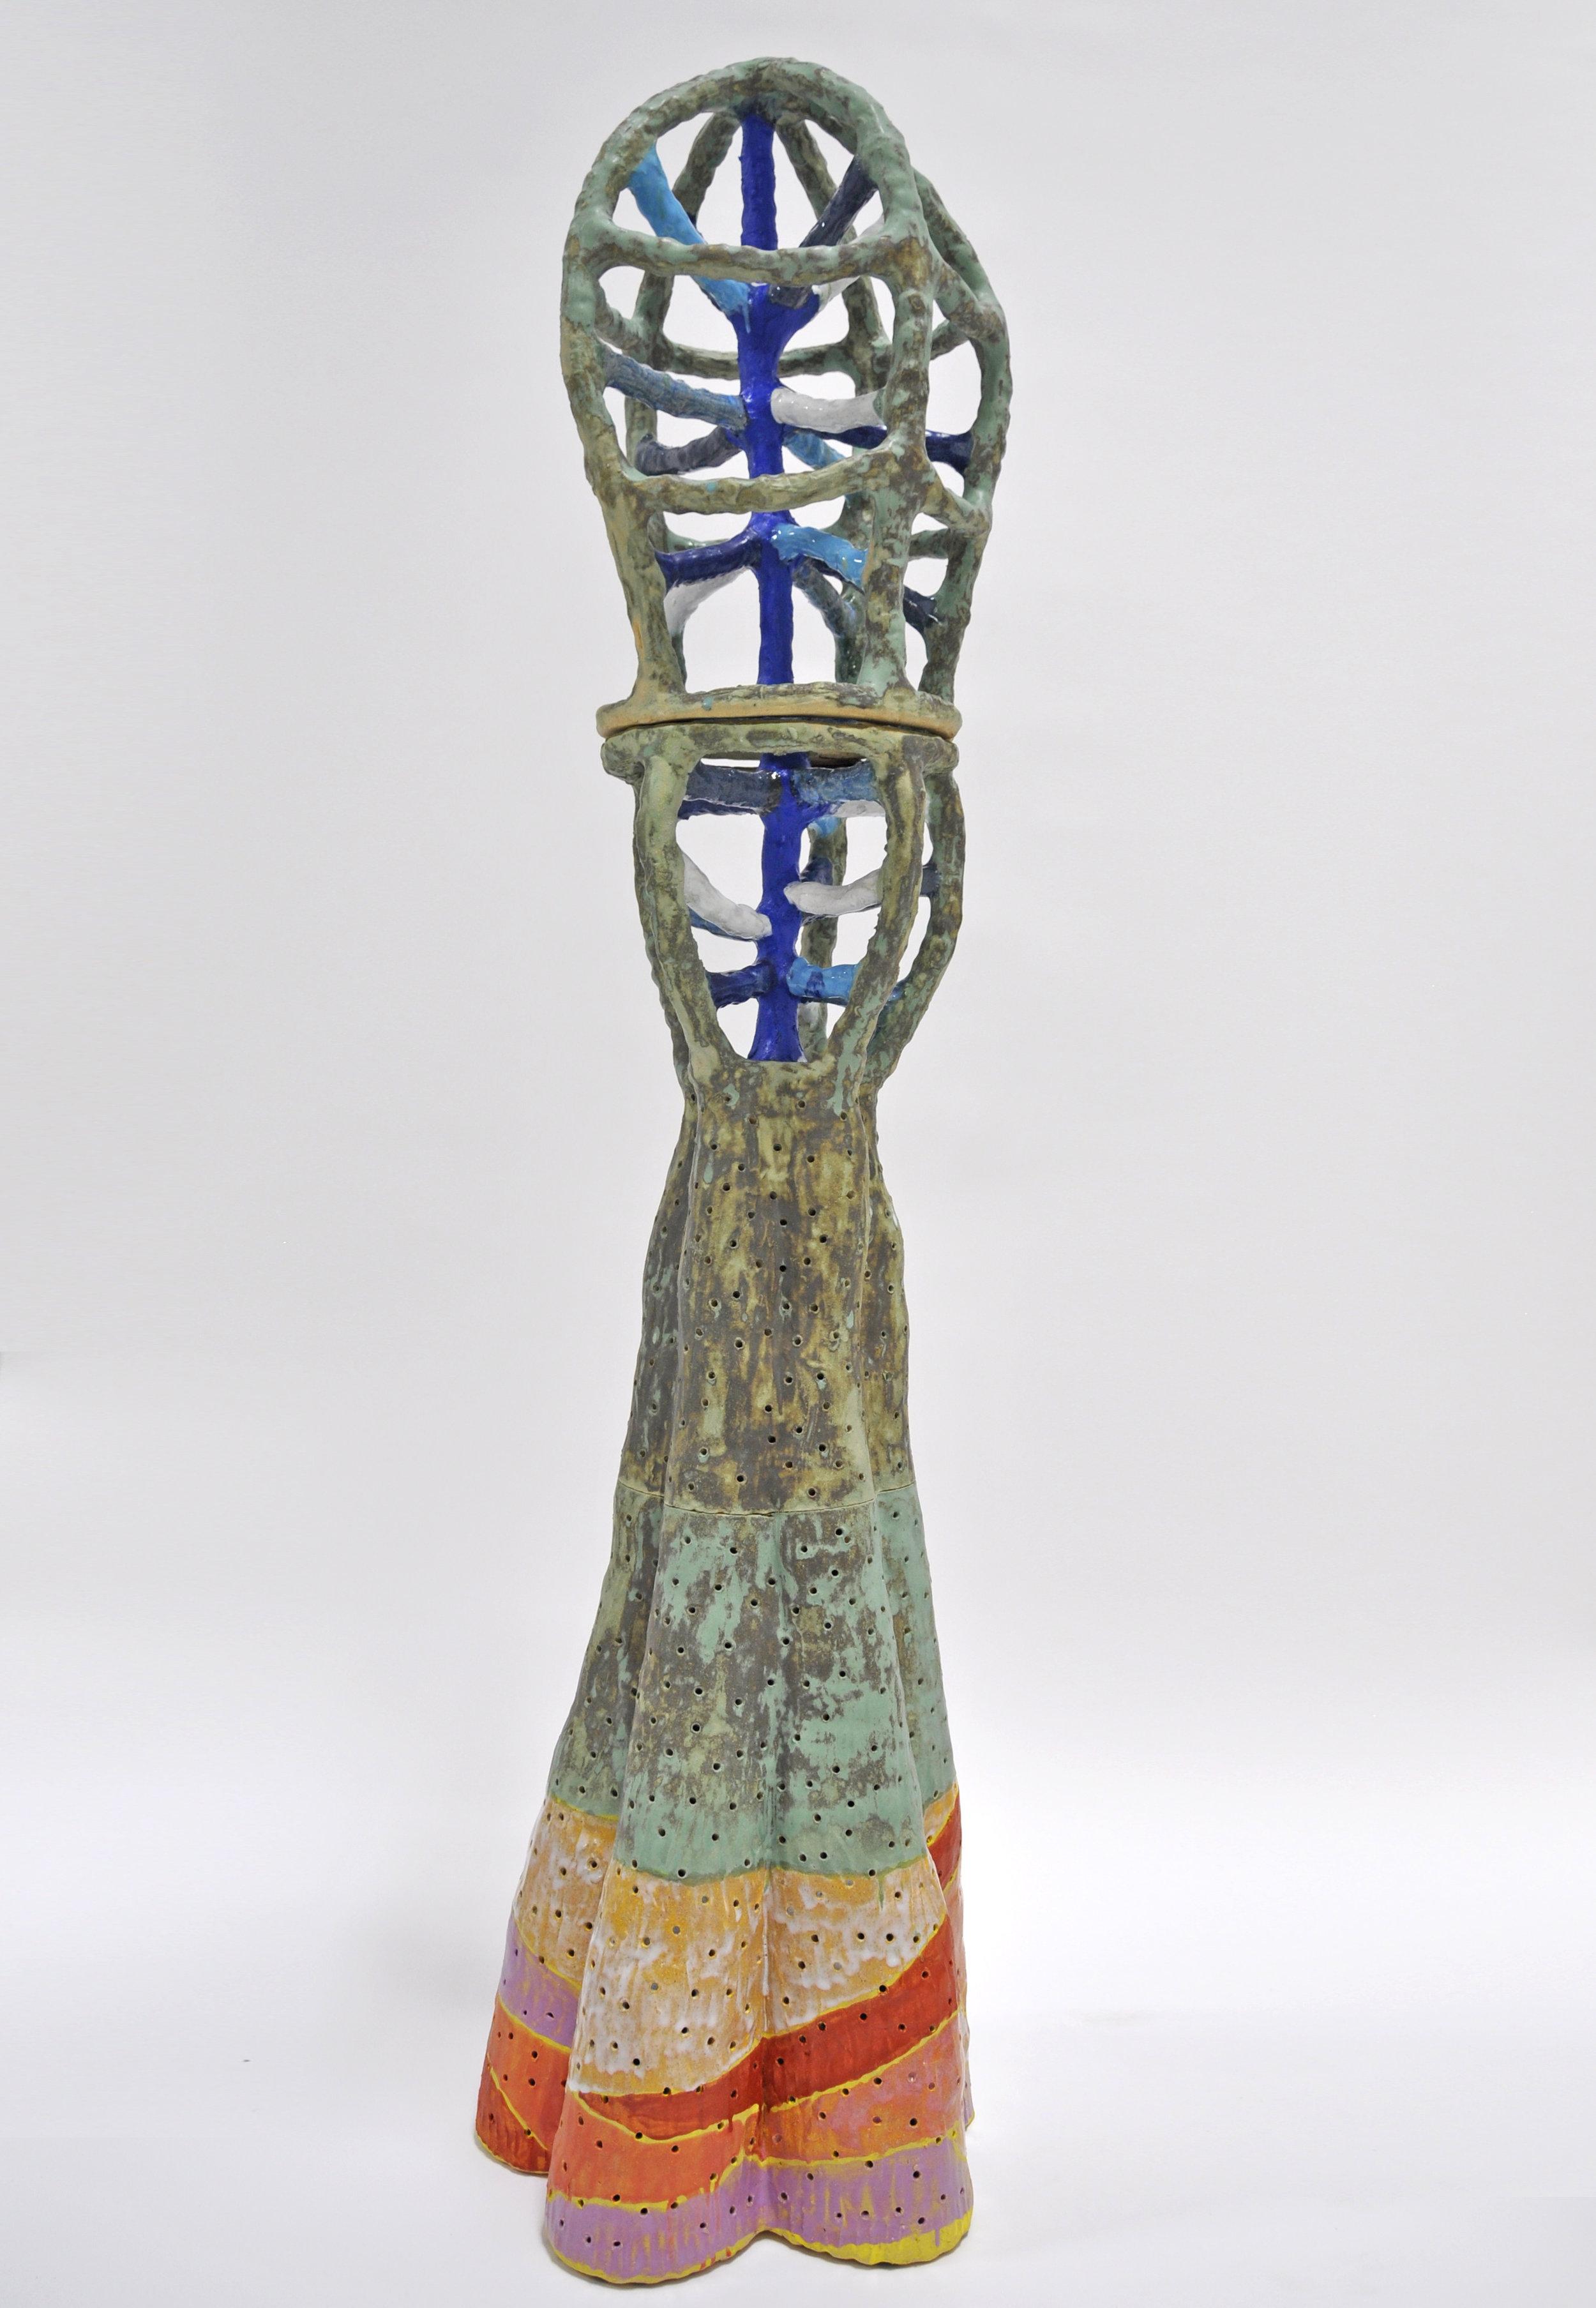 Nick Makanna, RUNE XXXI, 69 x 16 x 16 in, Glazed ceramic, 2019